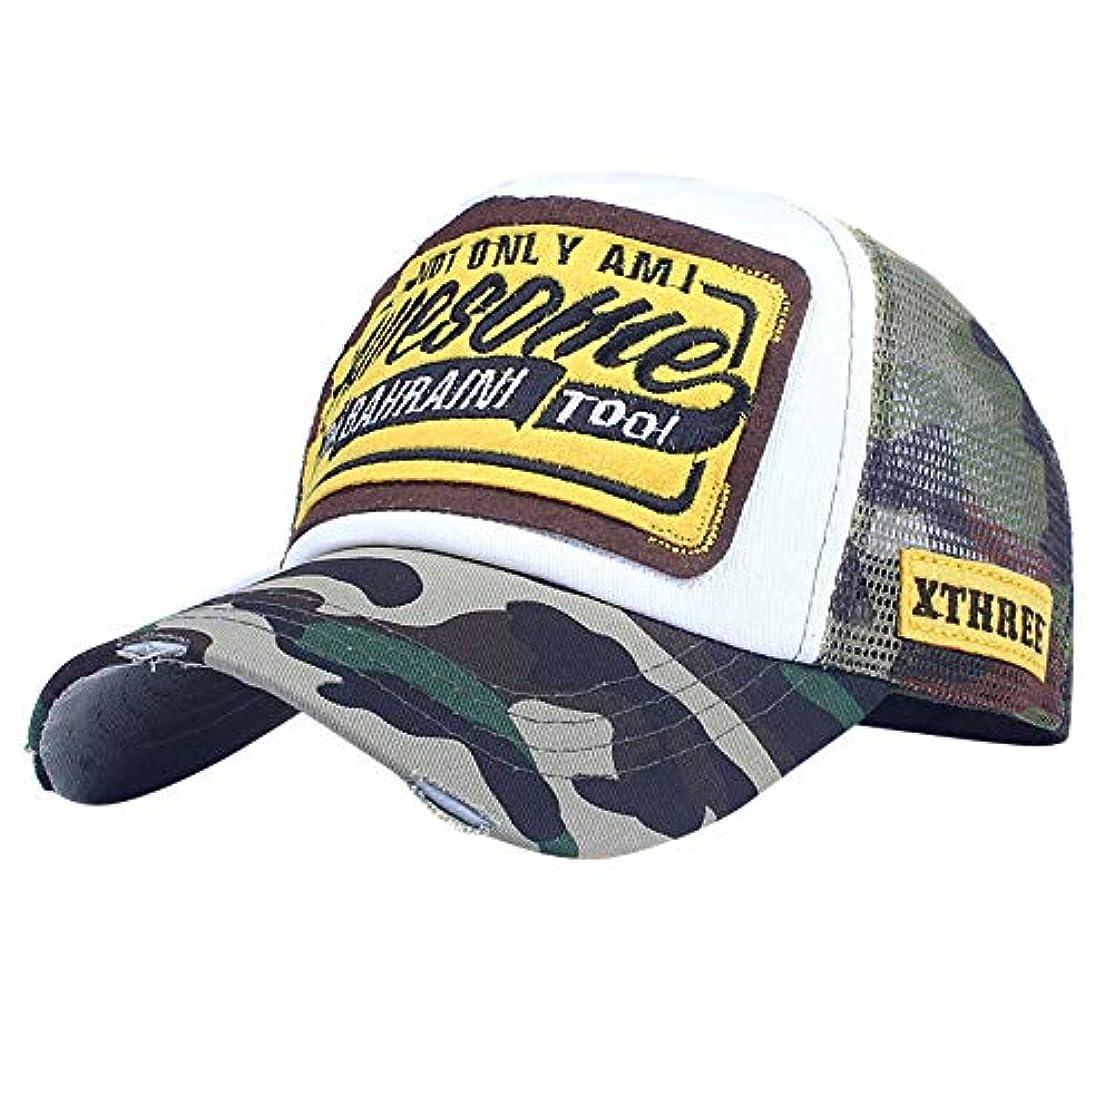 Racazing カモフラージュ 野球帽 ヒップホップ メンズ 夏 登山 帽子 迷彩 可調整可能 プラスベルベット 棒球帽 UV 帽子 UVカット軽量 屋外 Unisex 鸭舌帽 Hat Cap